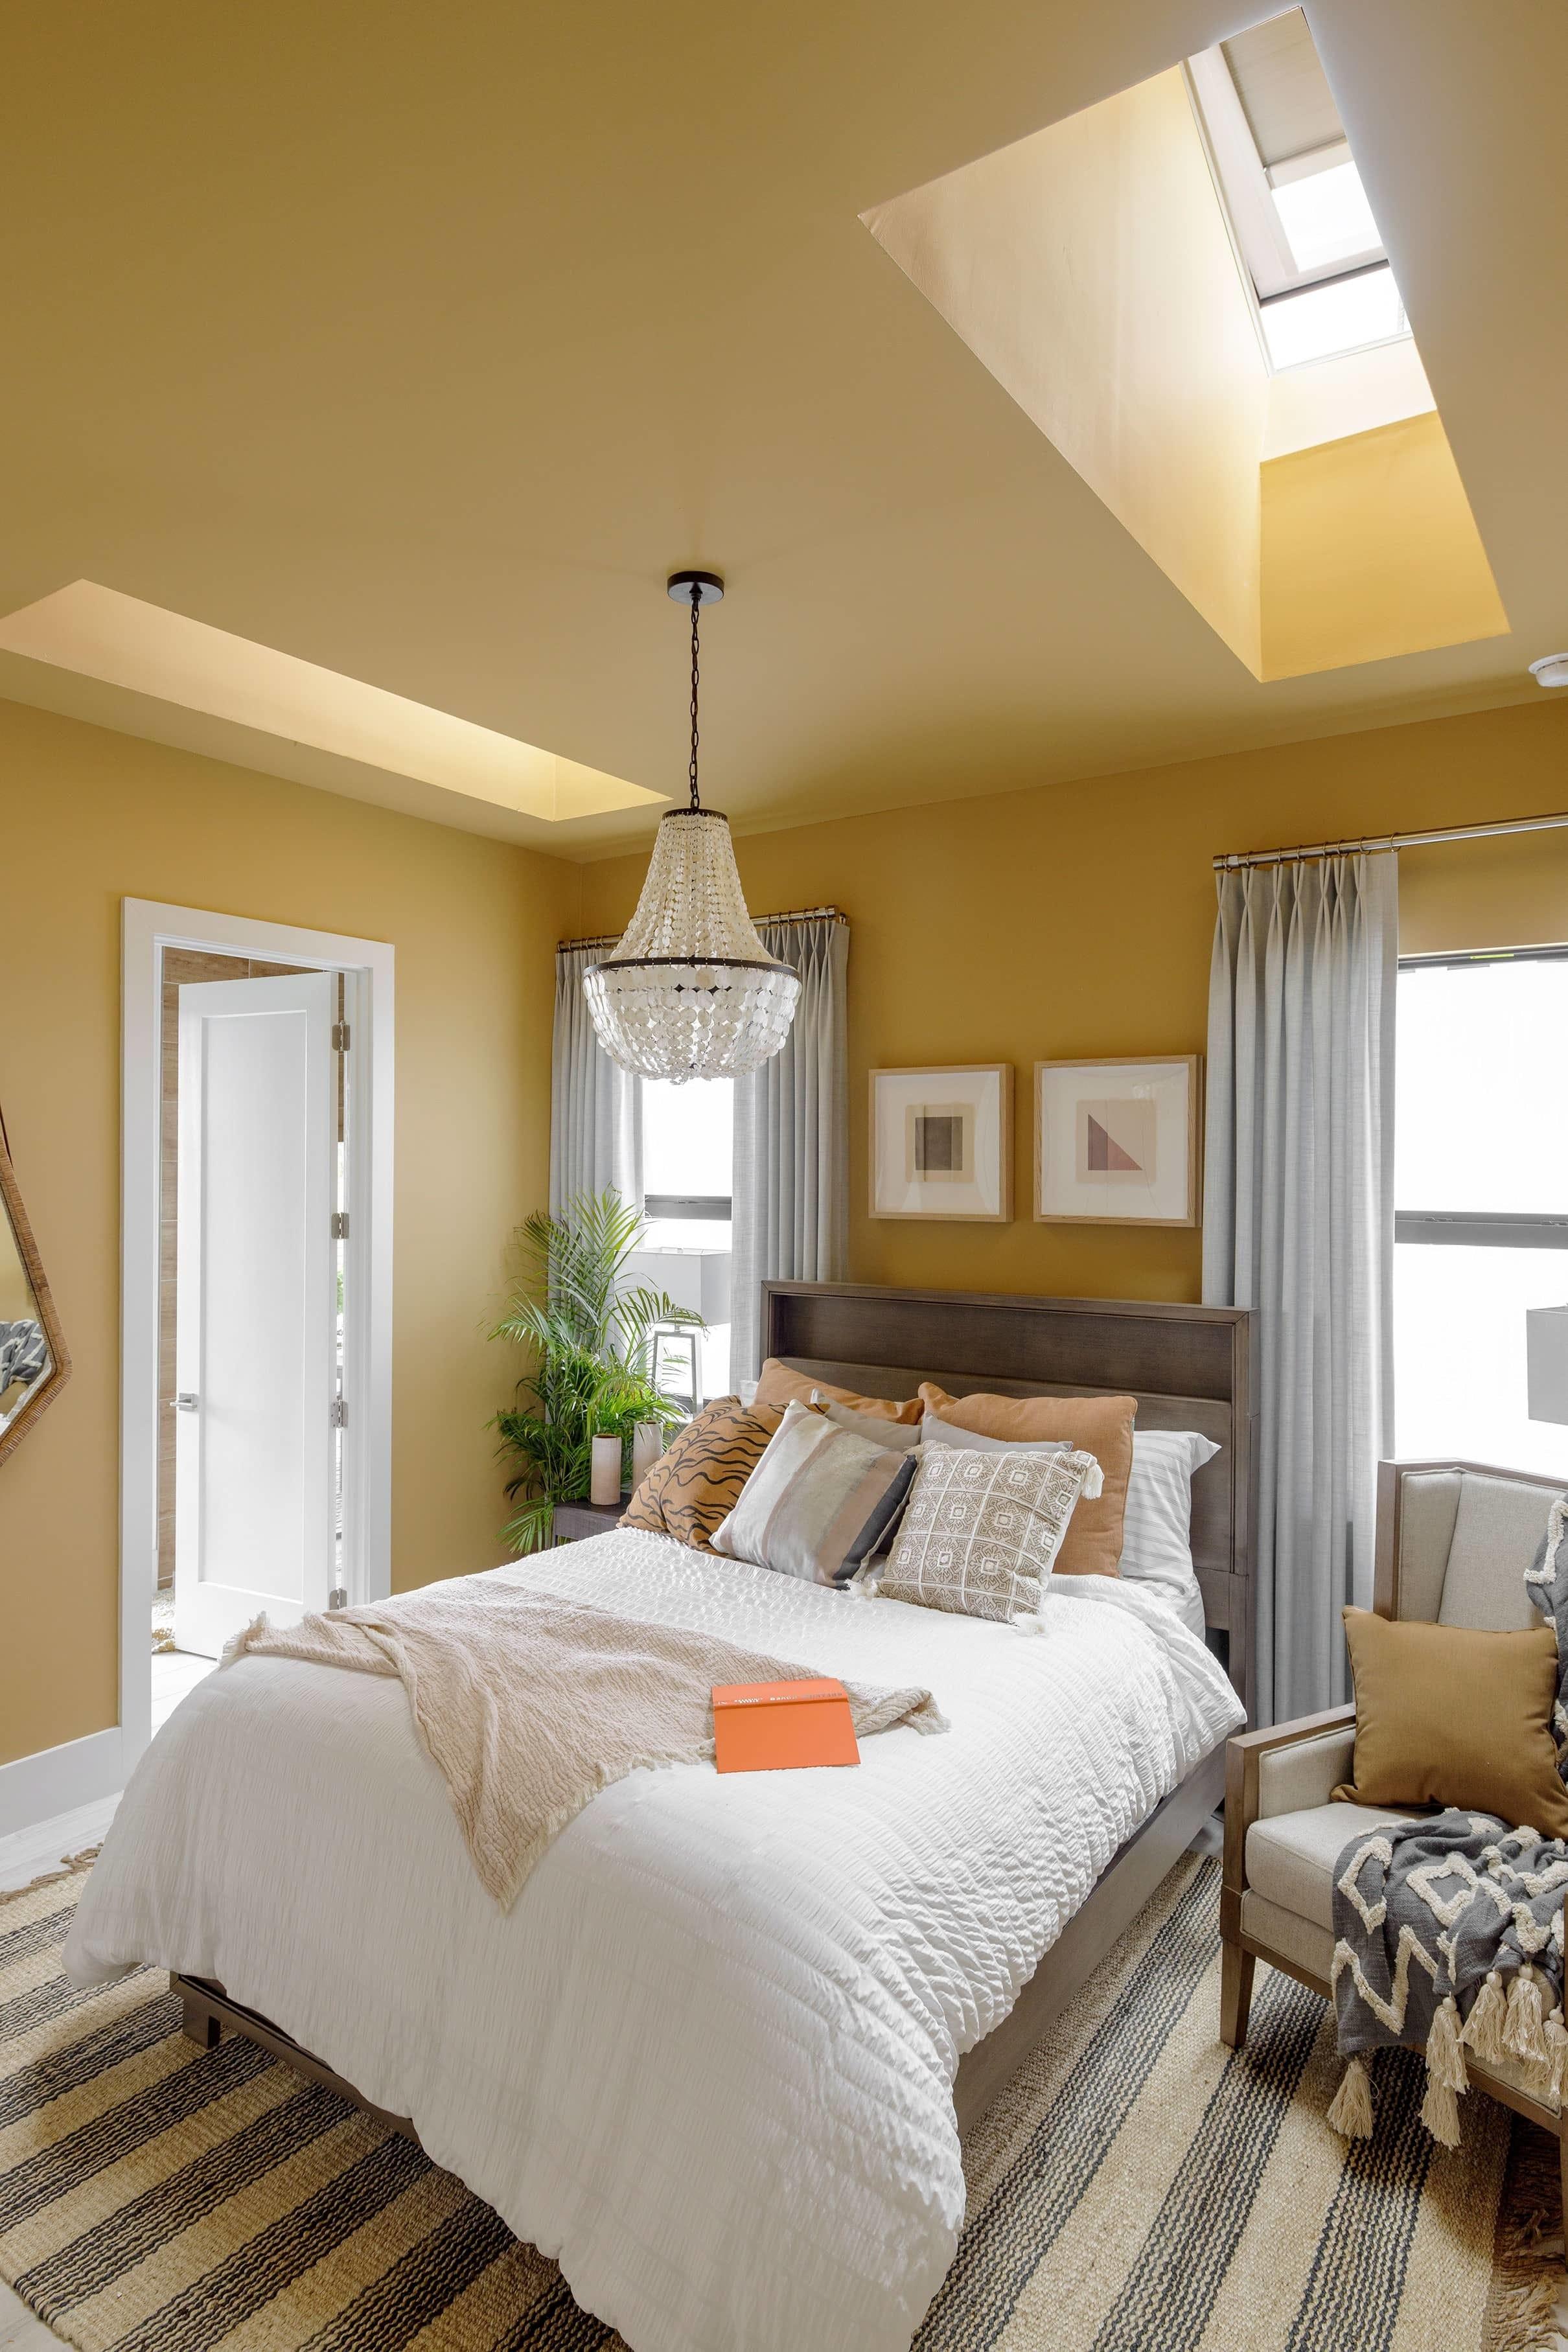 Bedroom skylights shades yellow walls